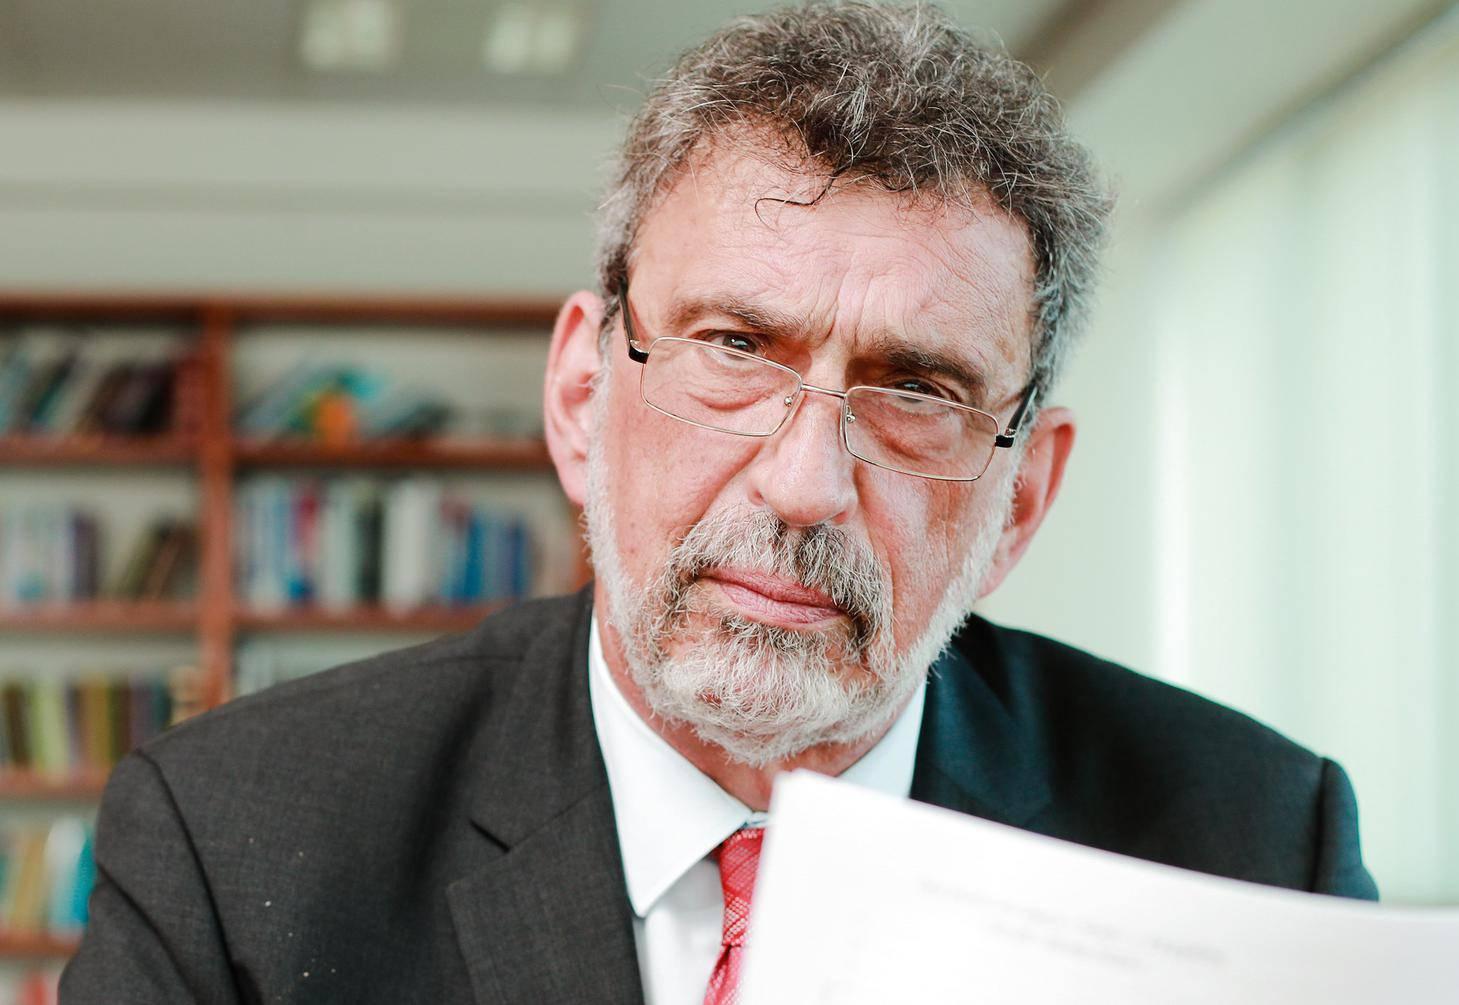 Fuchs: Nacionalni ispiti za djecu u osnovnoj školi zasad neće biti podloga za upis u srednje škole